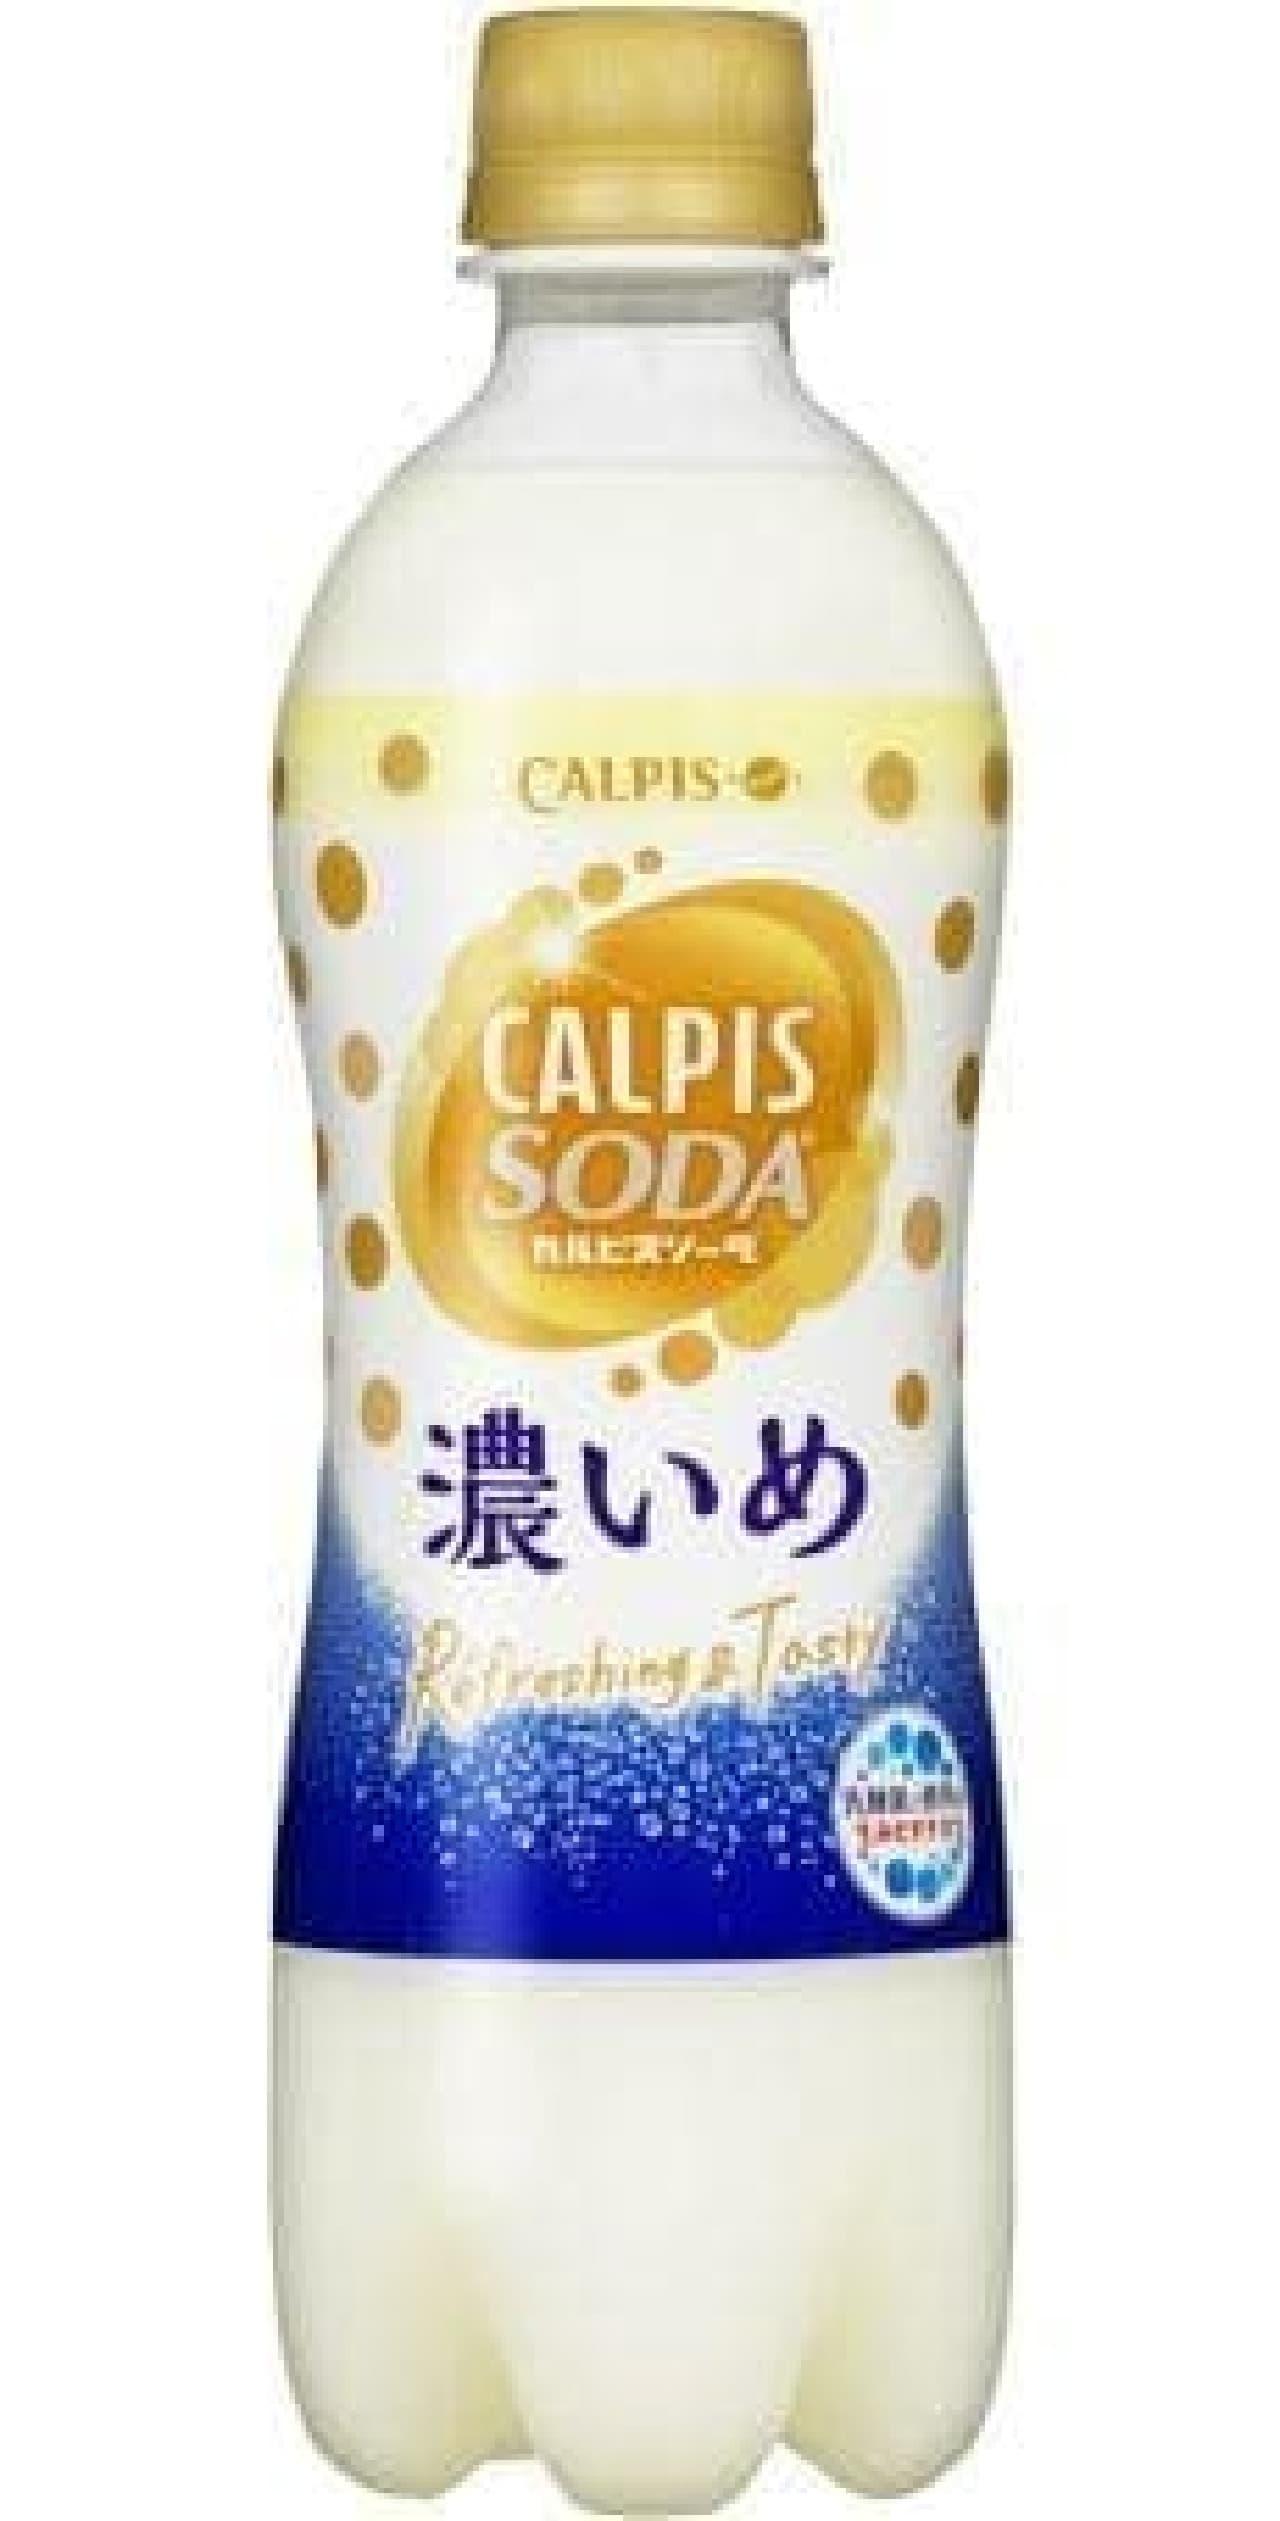 アサヒ飲料「カルピスソーダ 濃いめ」